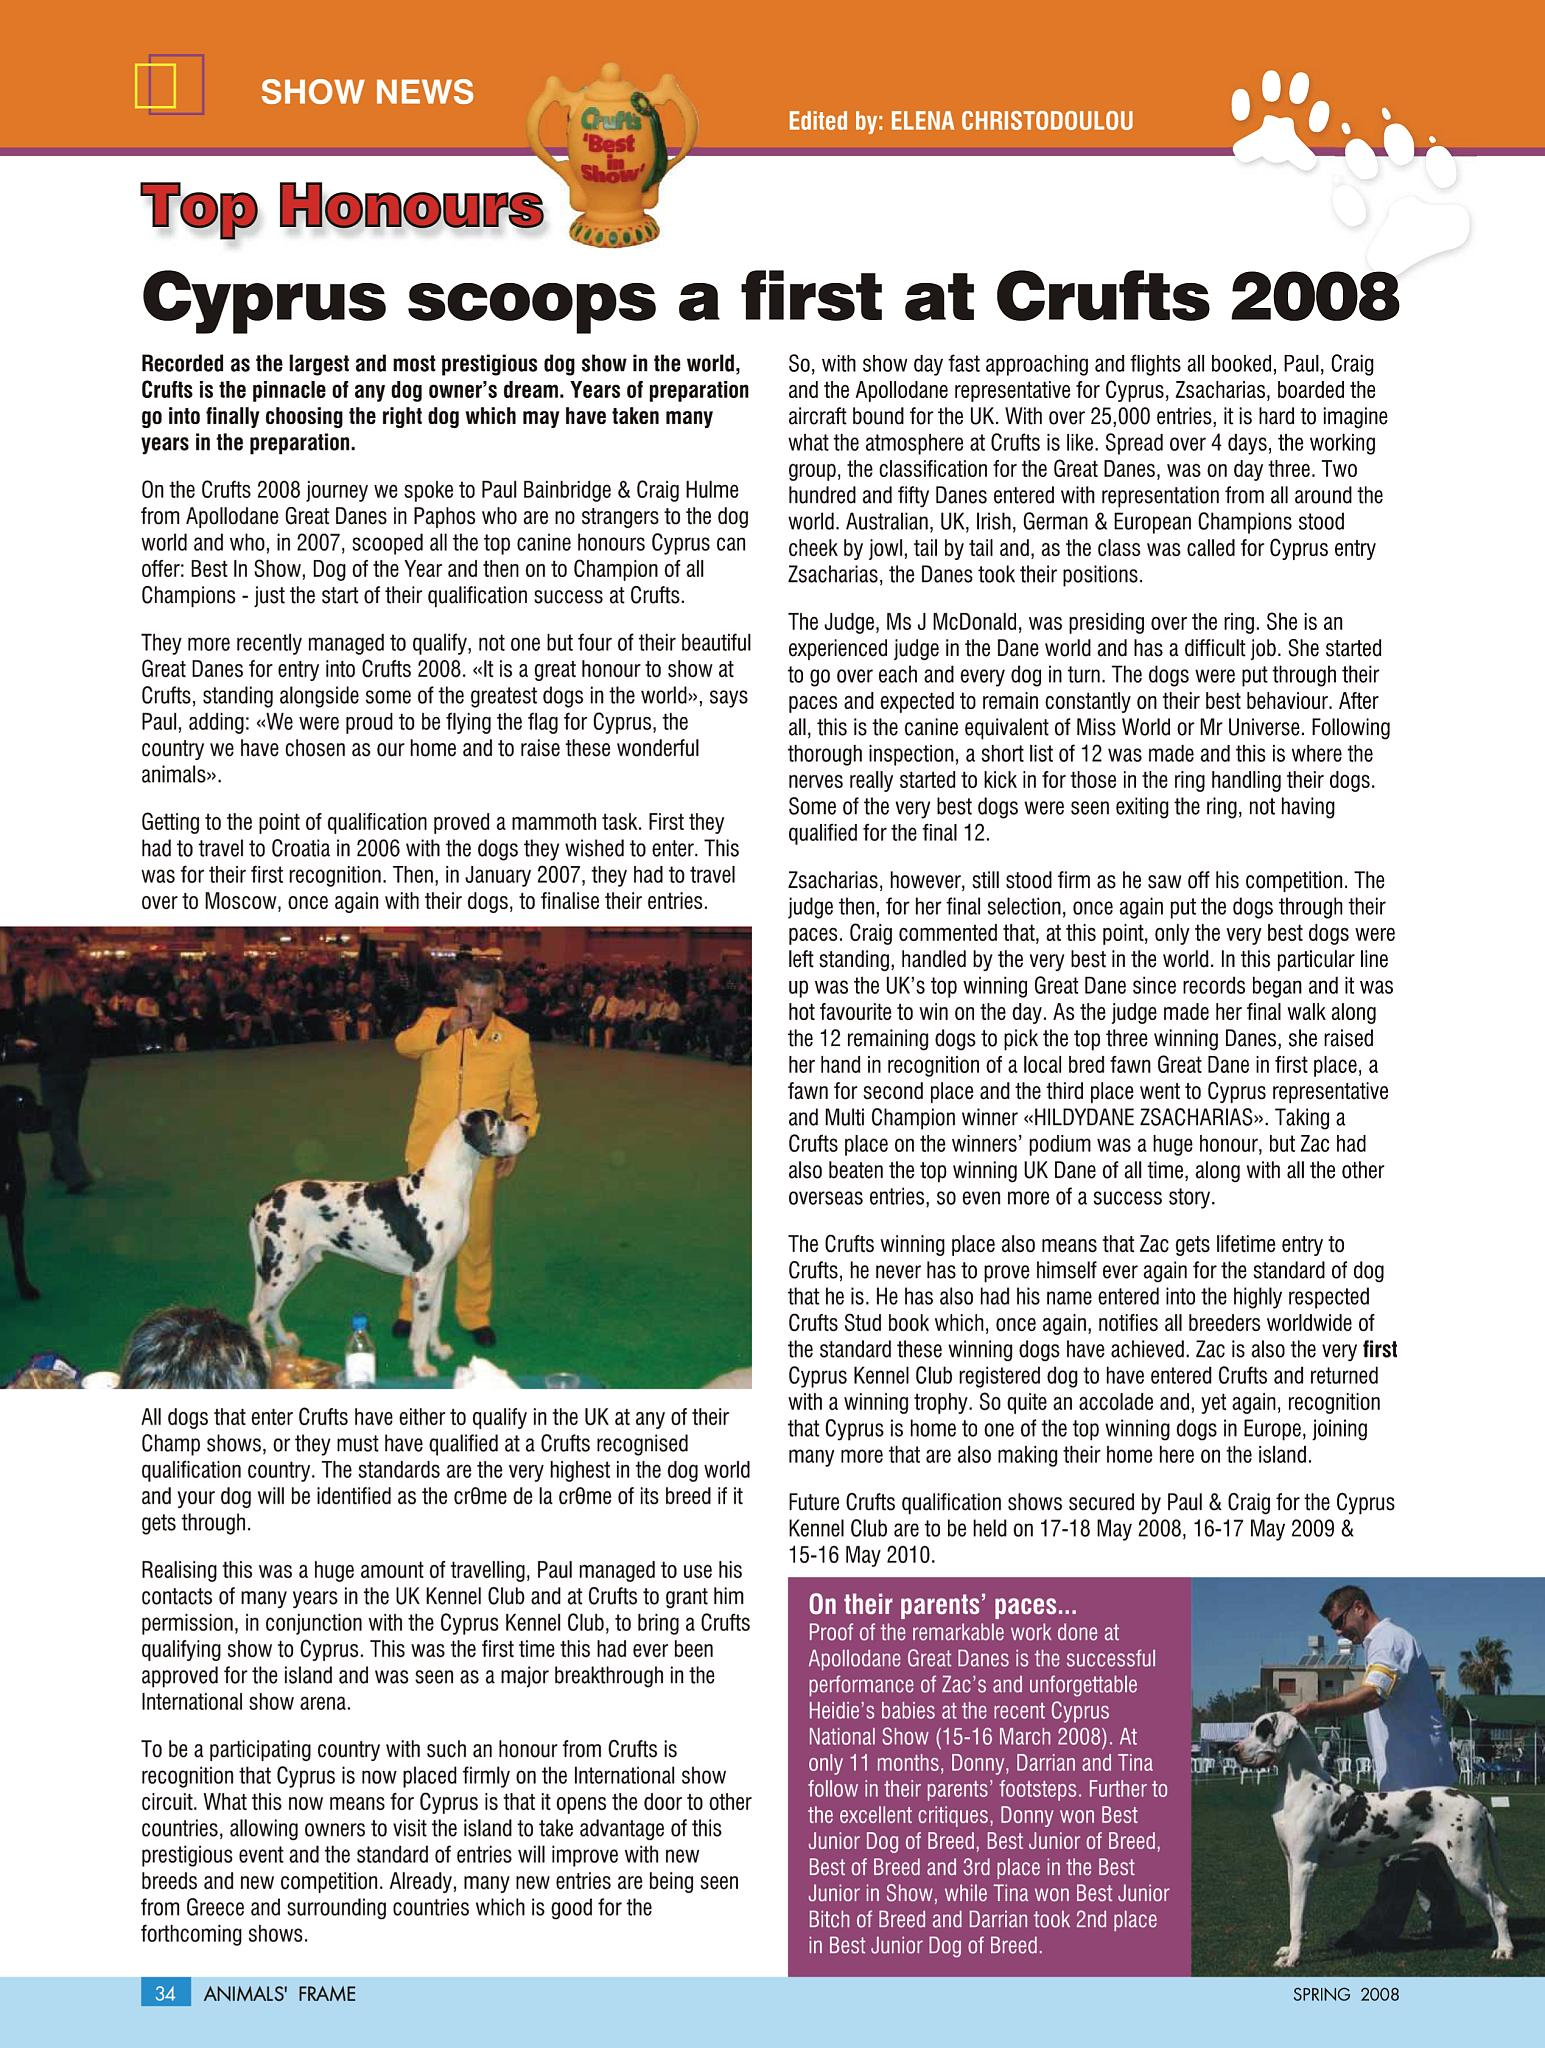 veterinary magazine articles